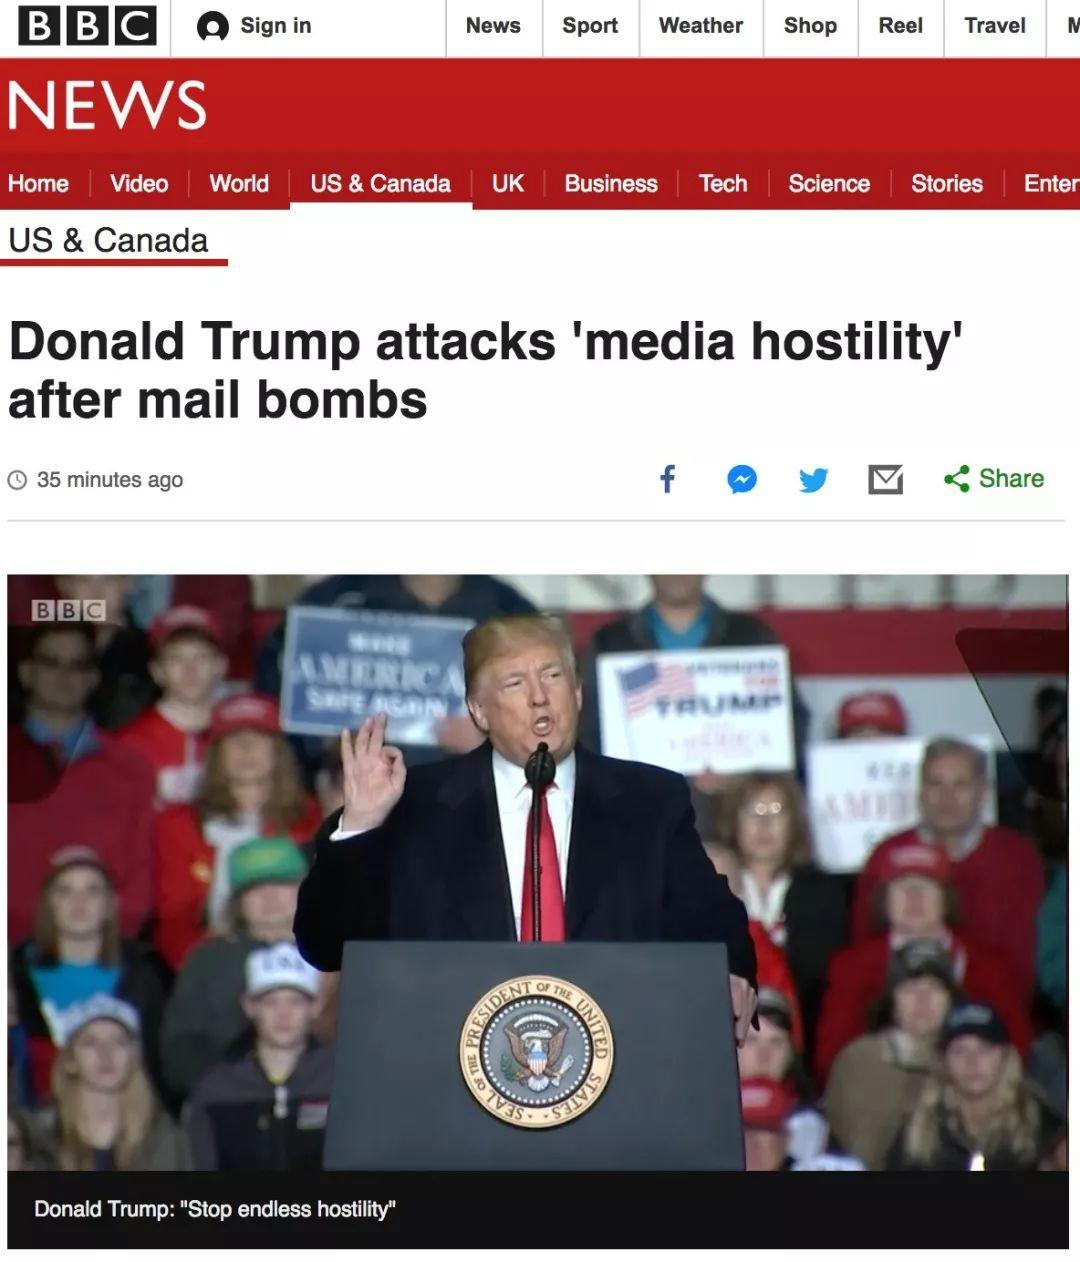 十月惊奇还是十月惊魂?炸弹和大篷车或改变中期选举轨迹